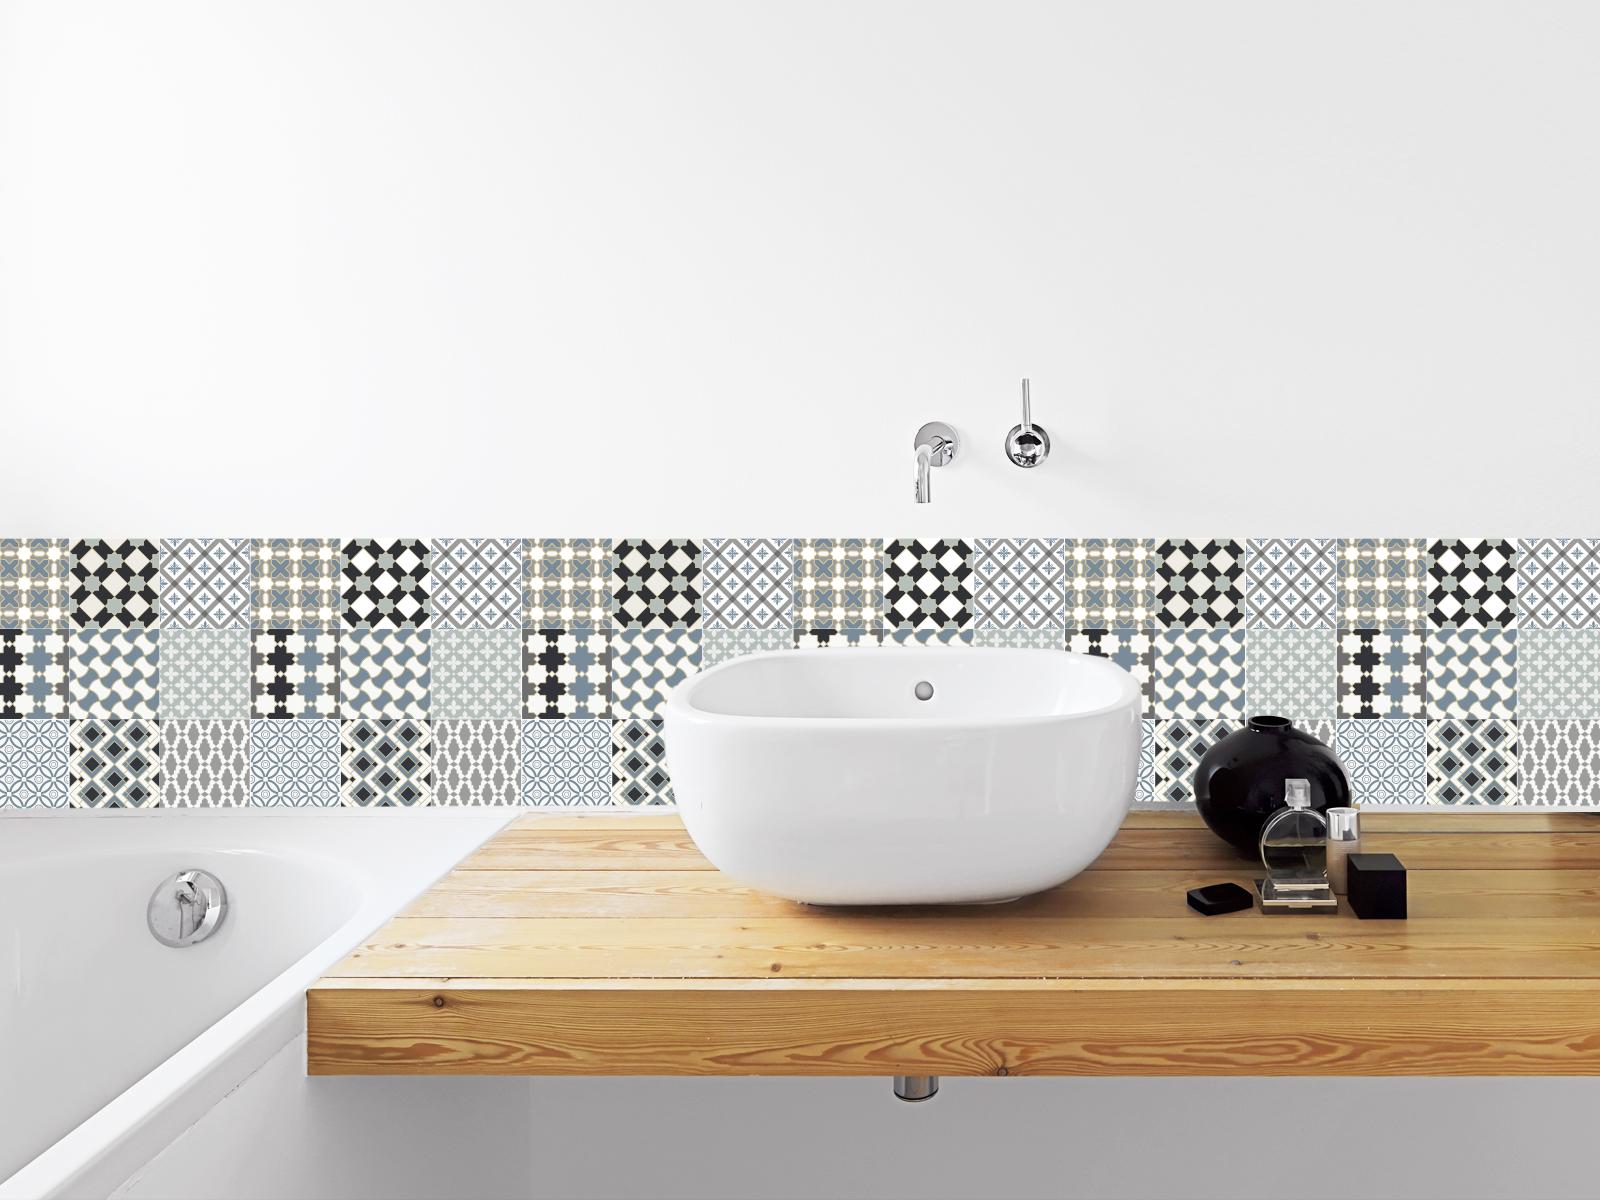 cr dence adh sive carreaux de ciment c ramique. Black Bedroom Furniture Sets. Home Design Ideas